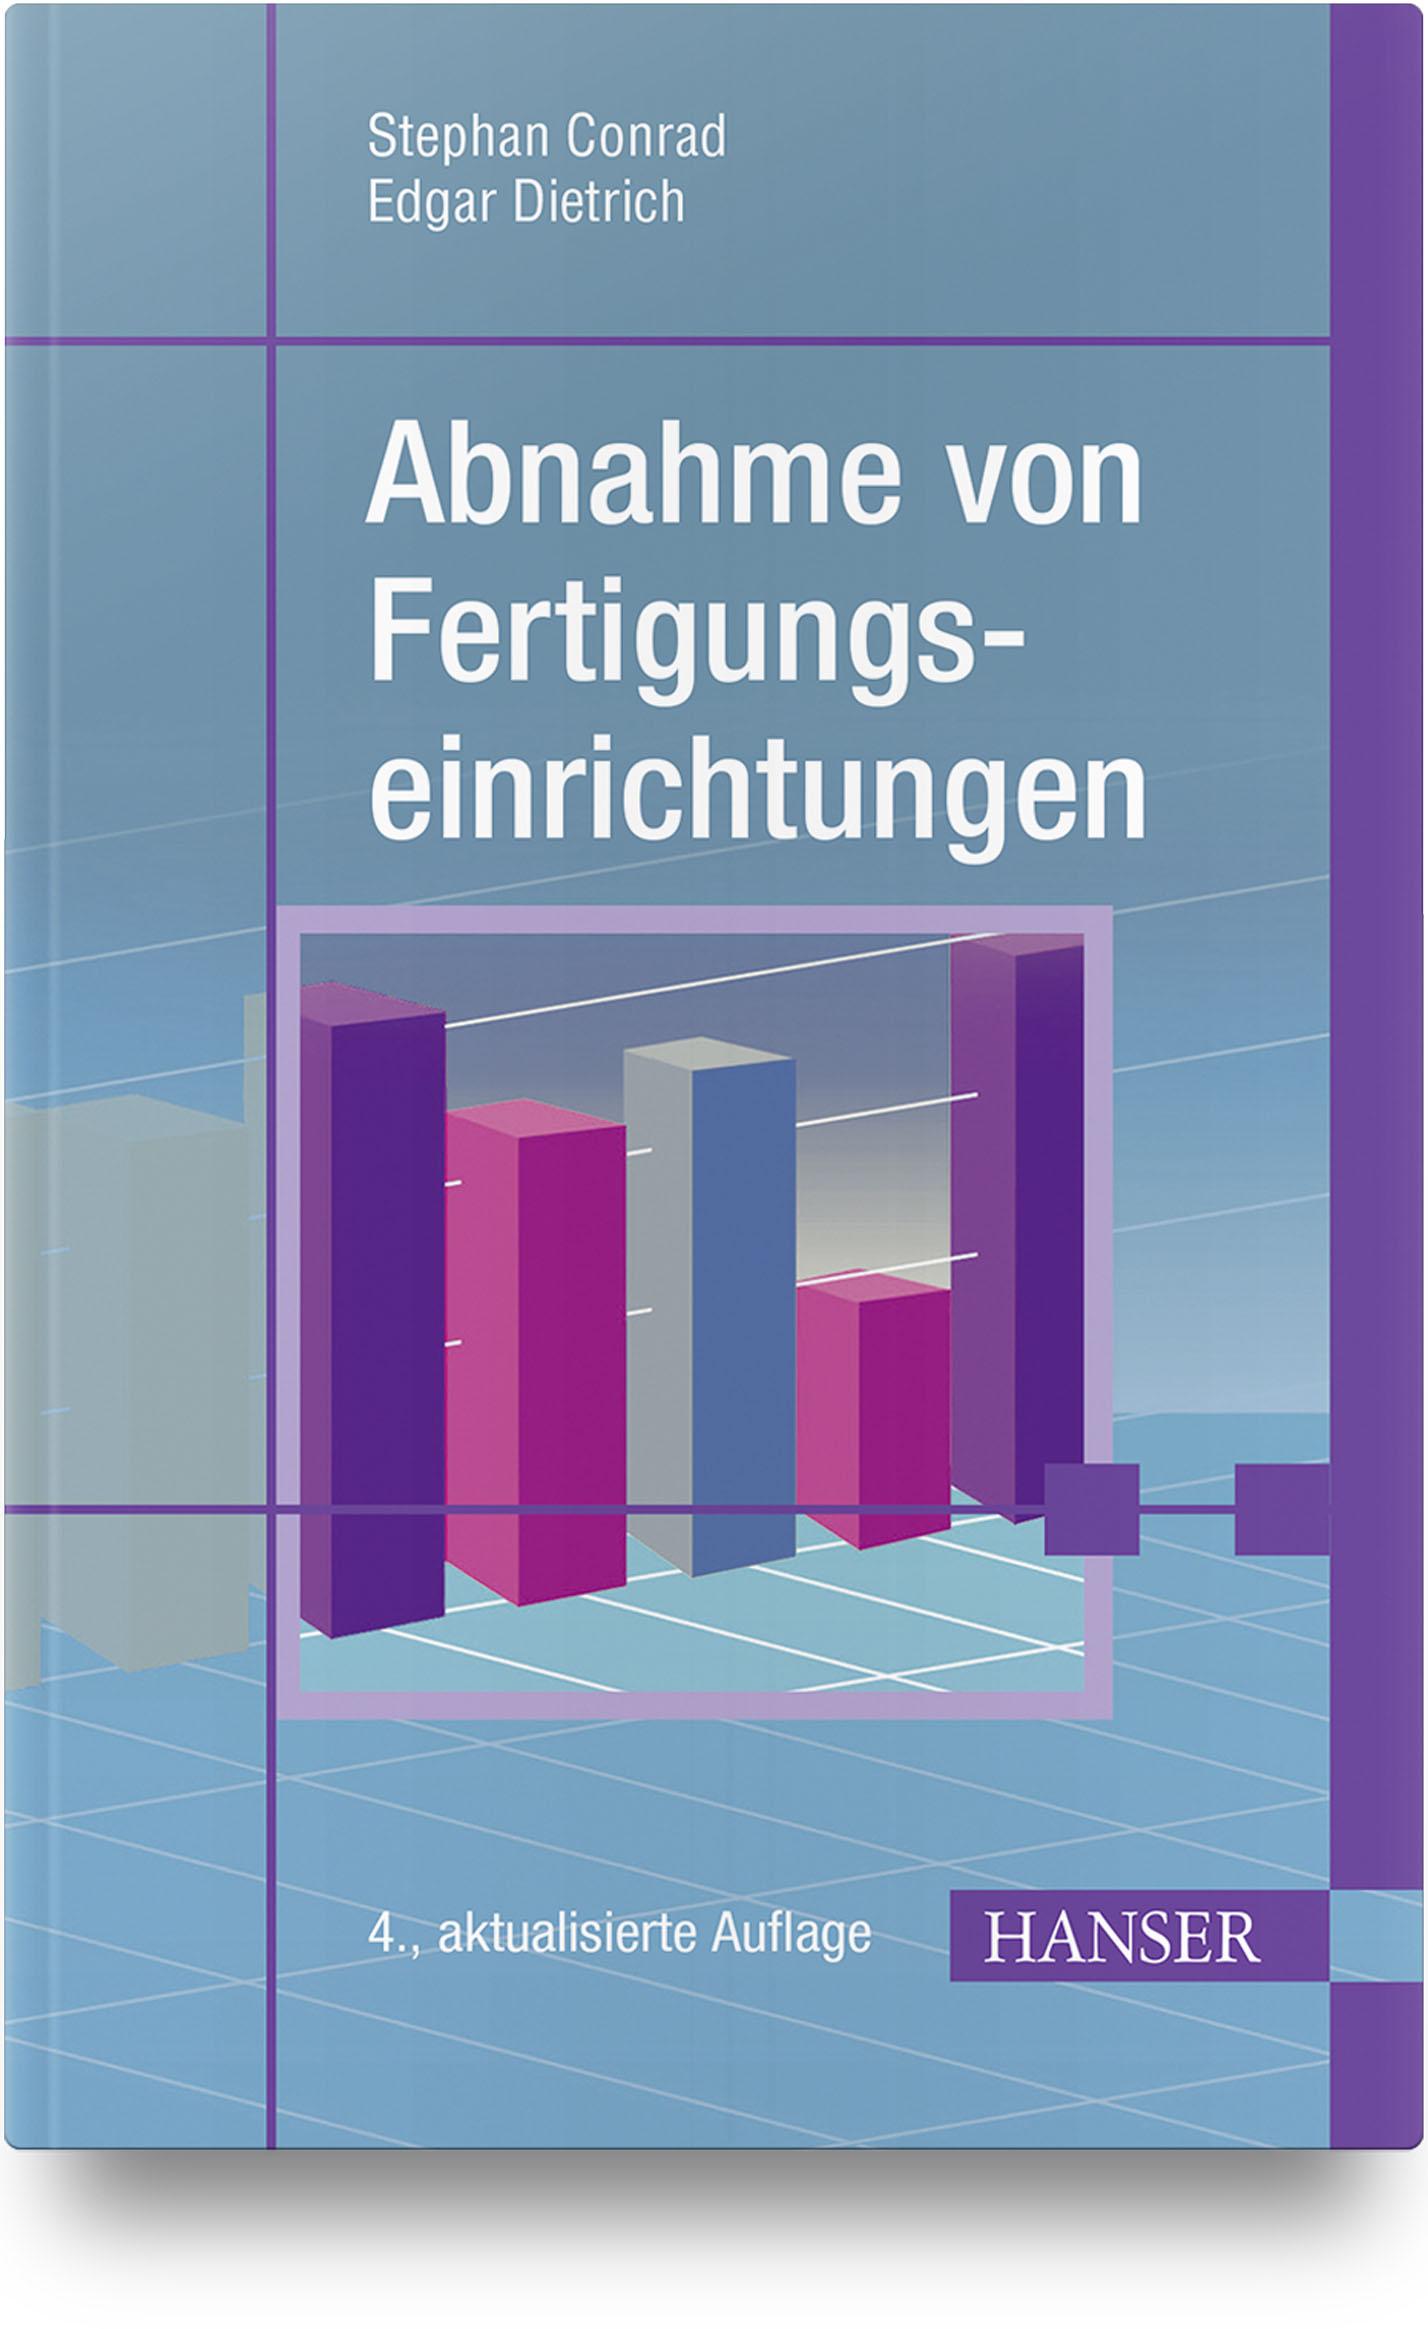 Dietrich, Schulze, Conrad, Abnahme von  Fertigungseinrichtungen, 978-3-446-45874-1